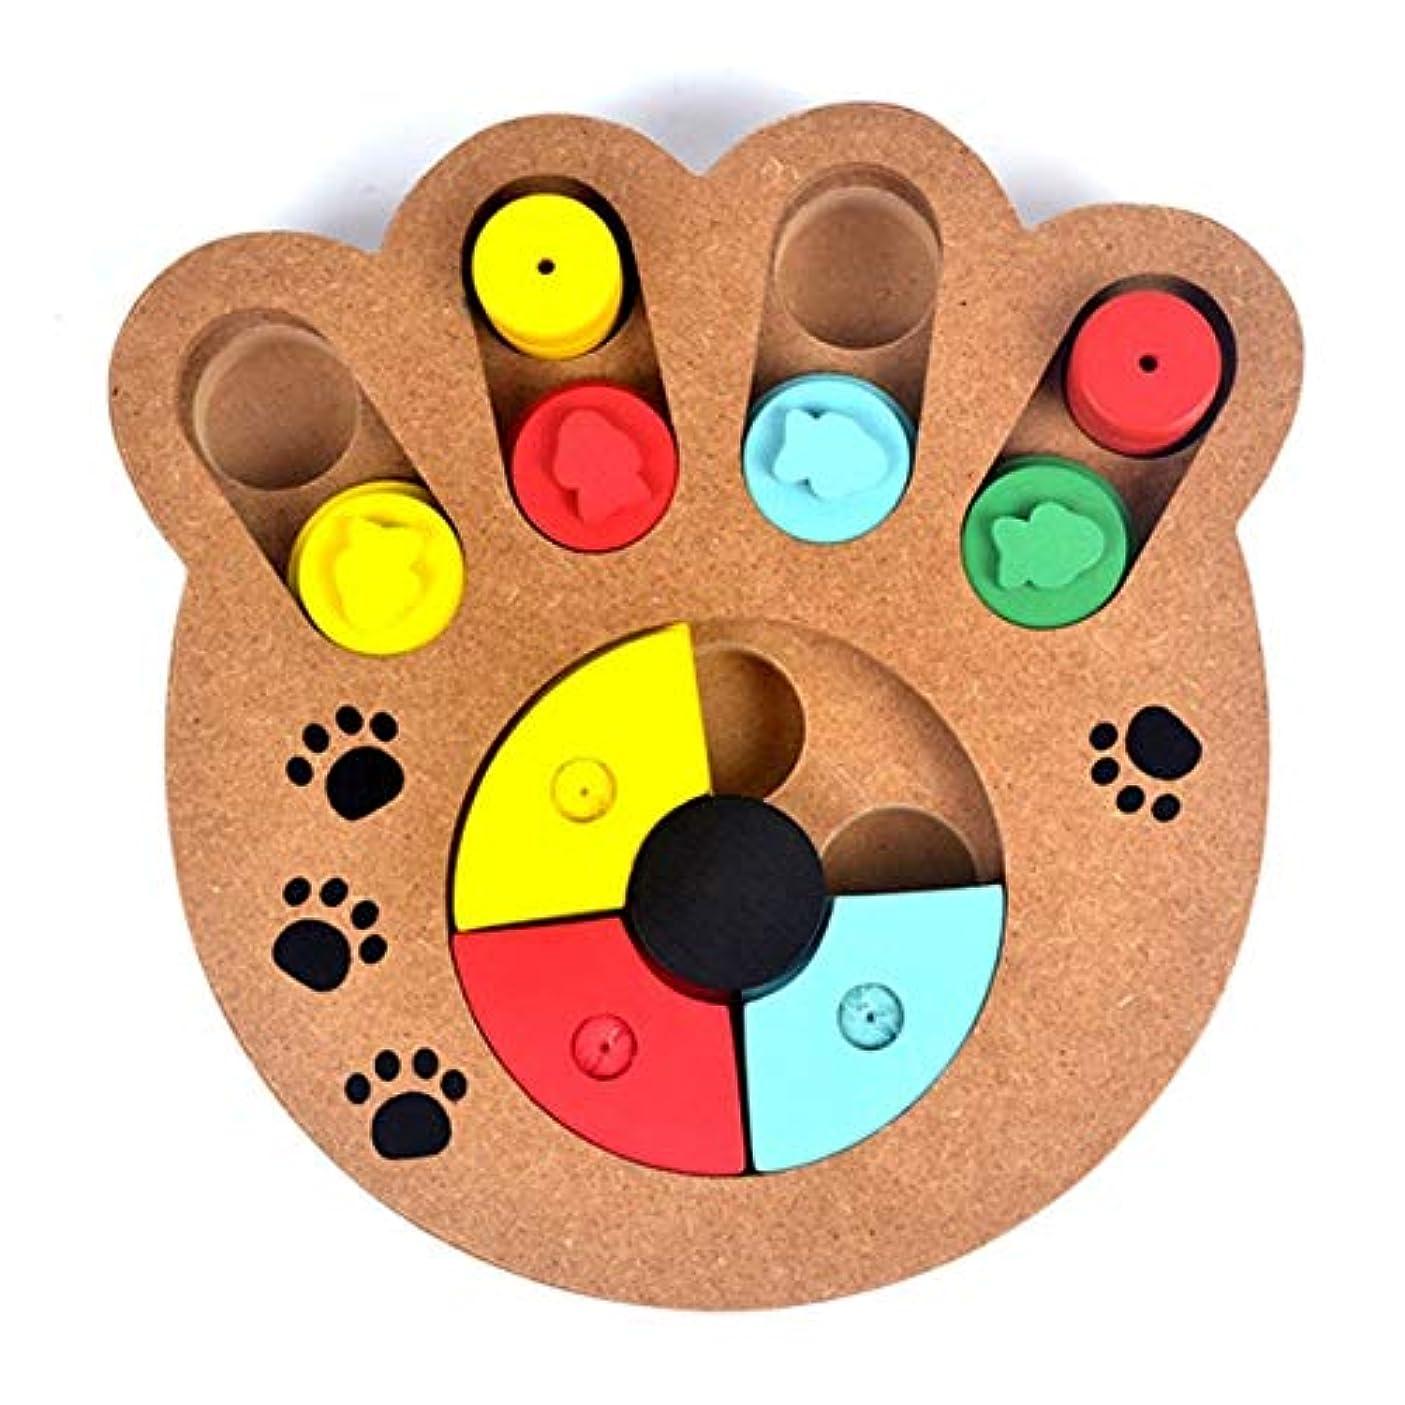 耐えられない快い彫るSaikogoods 多機能の自然食品は 子犬犬猫ペット用品のための木製教育ポウパズルインタラクティブ玩具扱い マルチカラーミックス